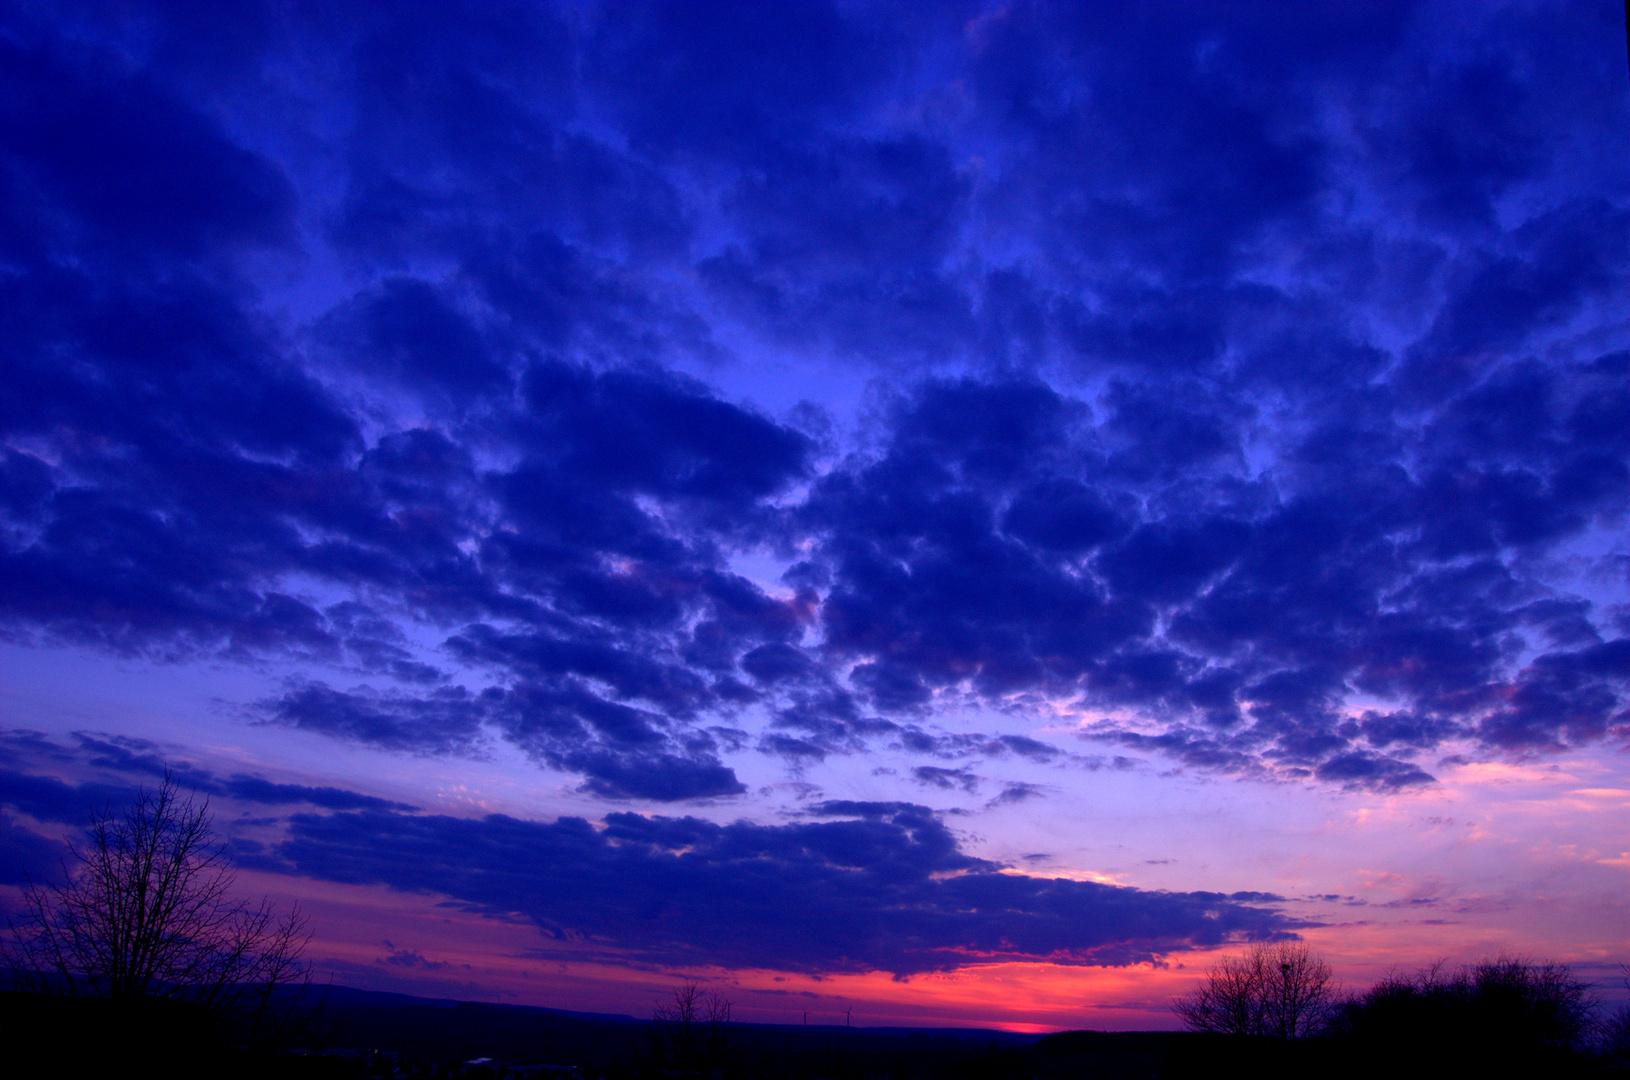 Blaue Wolken mit rotem Sonnenuntergang